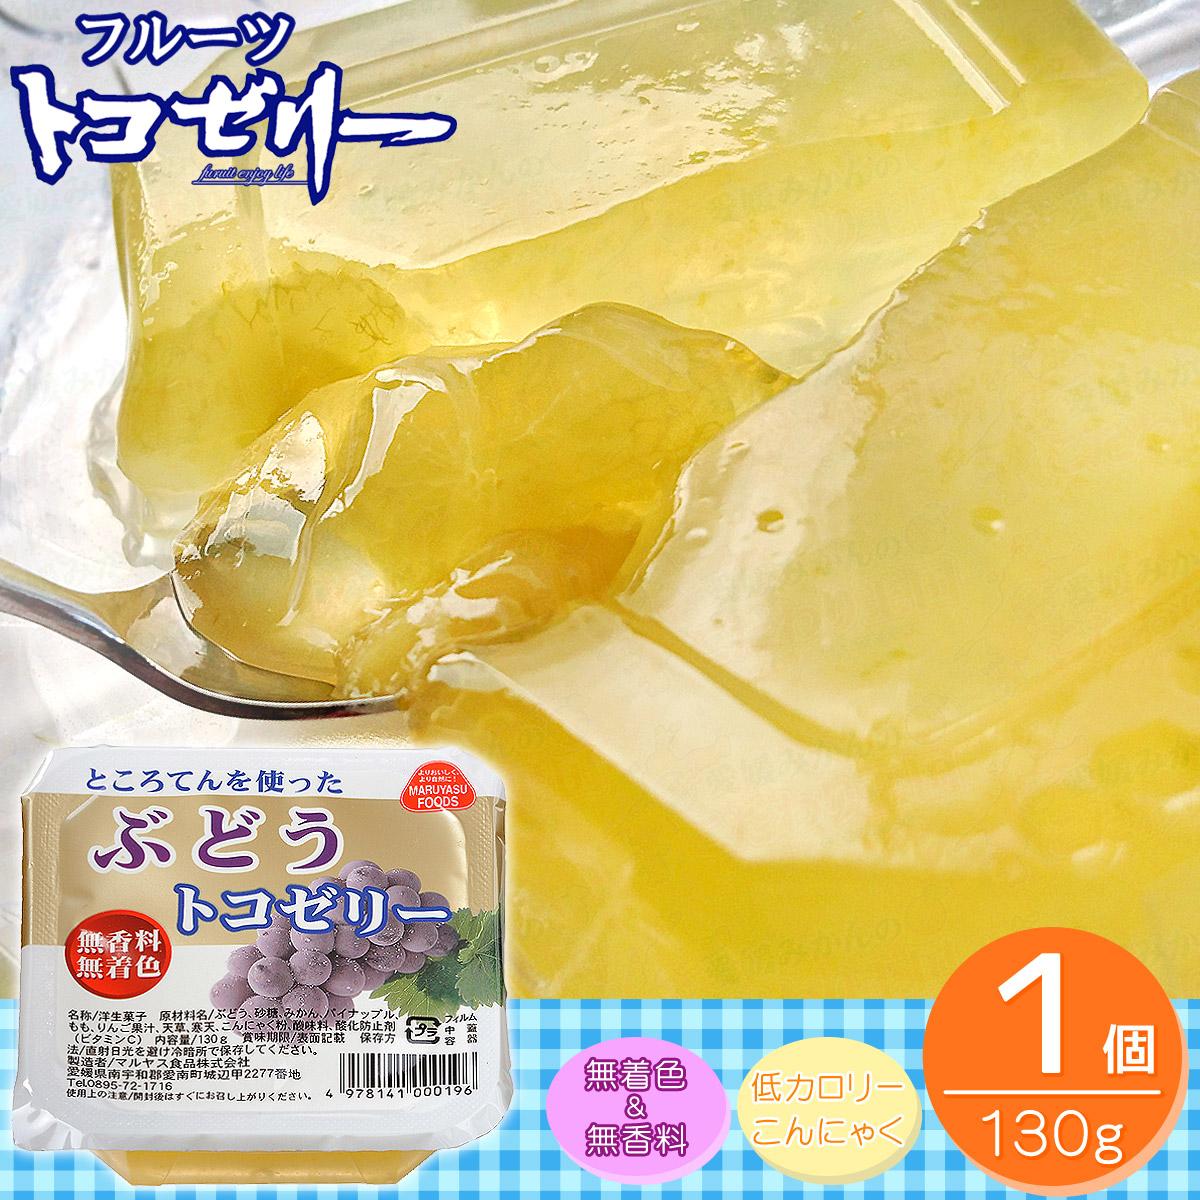 愛媛の健康食品 トコゼリーです 無着色 無香料 低カロリー トコゼリー 美容と健康 単品 贈物 ぶどう フルーツトコゼリー セール特別価格